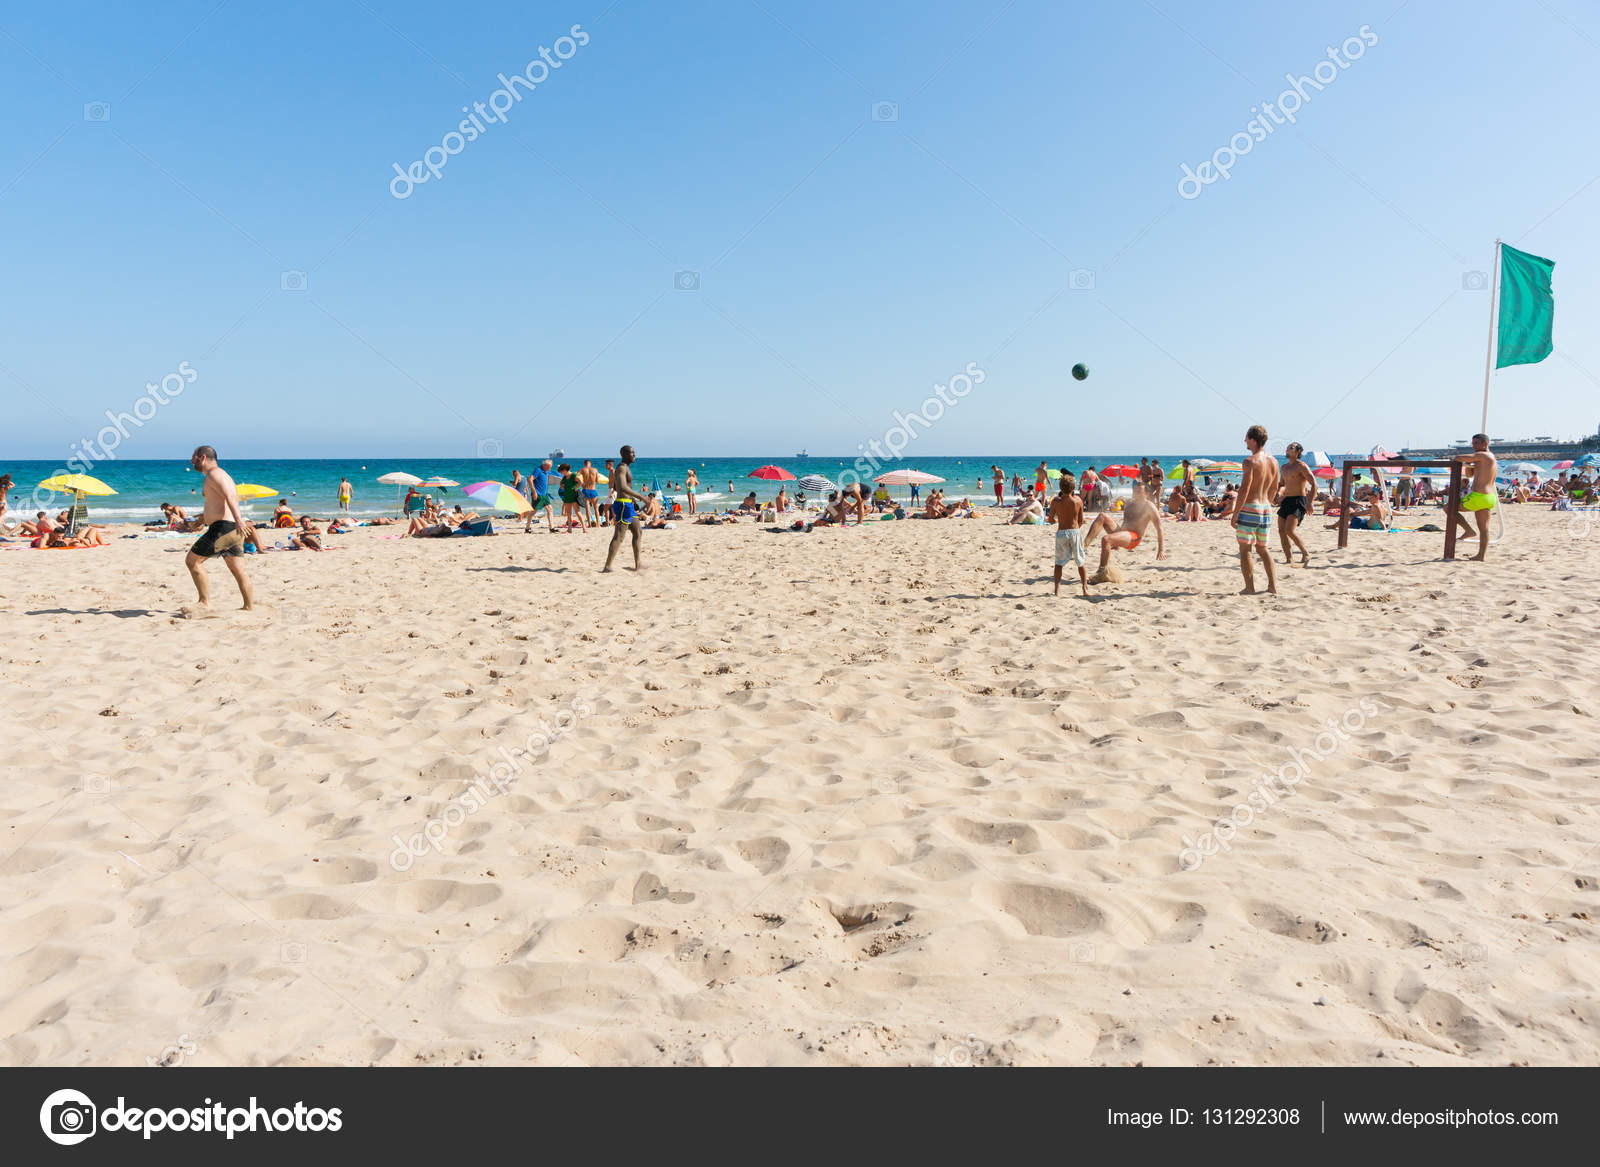 Фото с пляжа любители